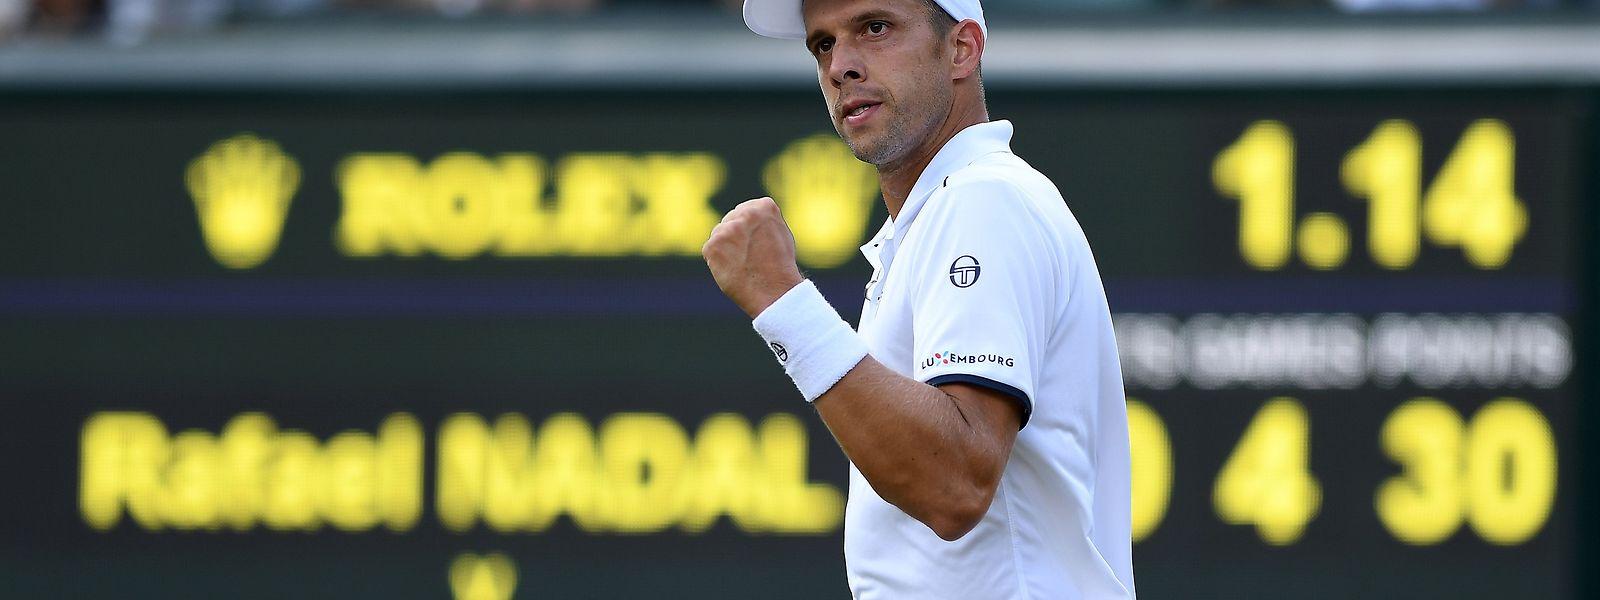 """Der Achtelfinalsieg in Wimbledon gegen Rafael Nadal war für Gilles Muller """"sehr speziell""""."""